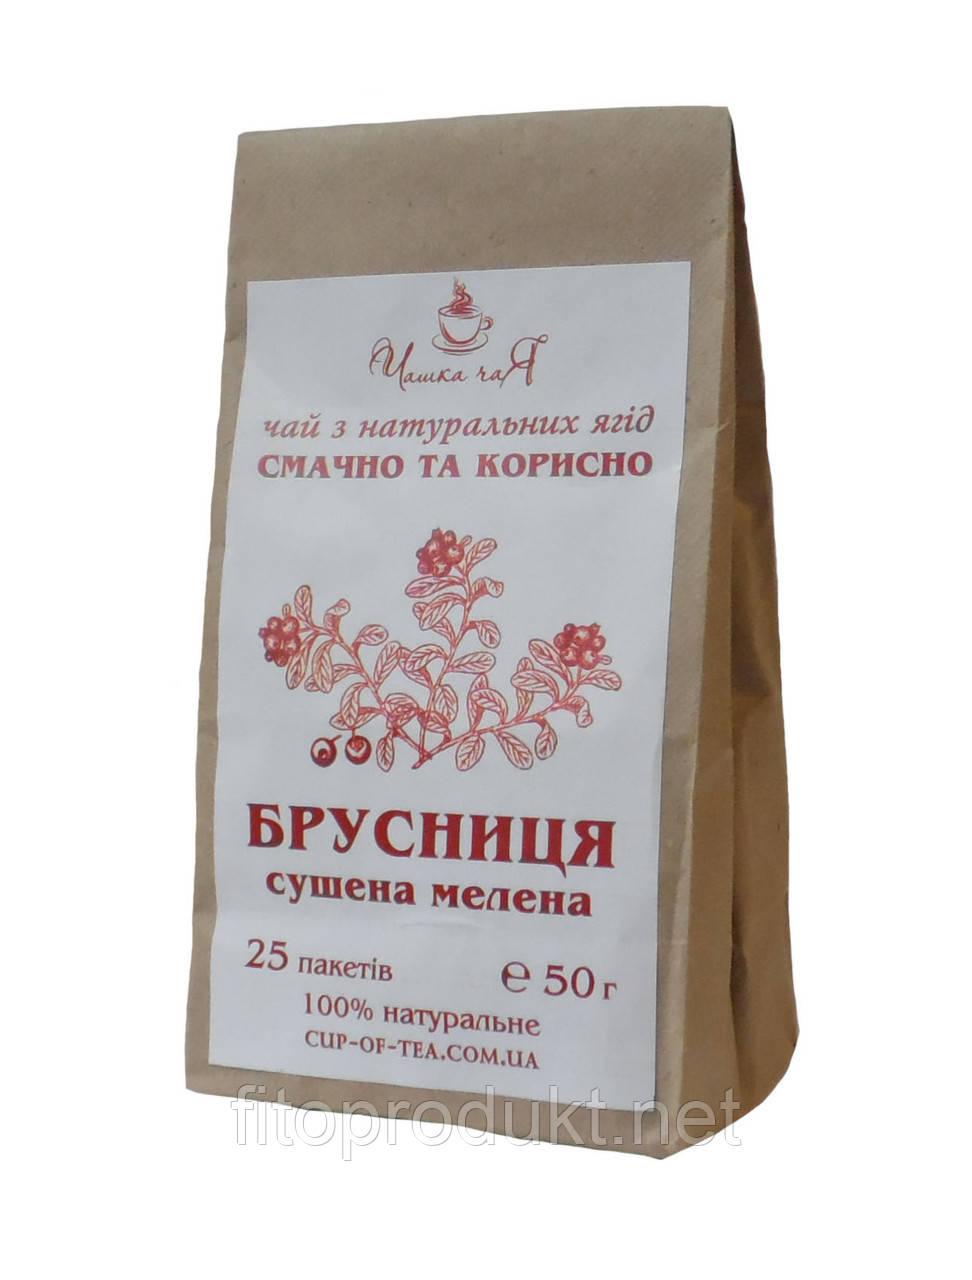 Чай из натуральных ягод брусники 25 пакетиков Чашка Чая